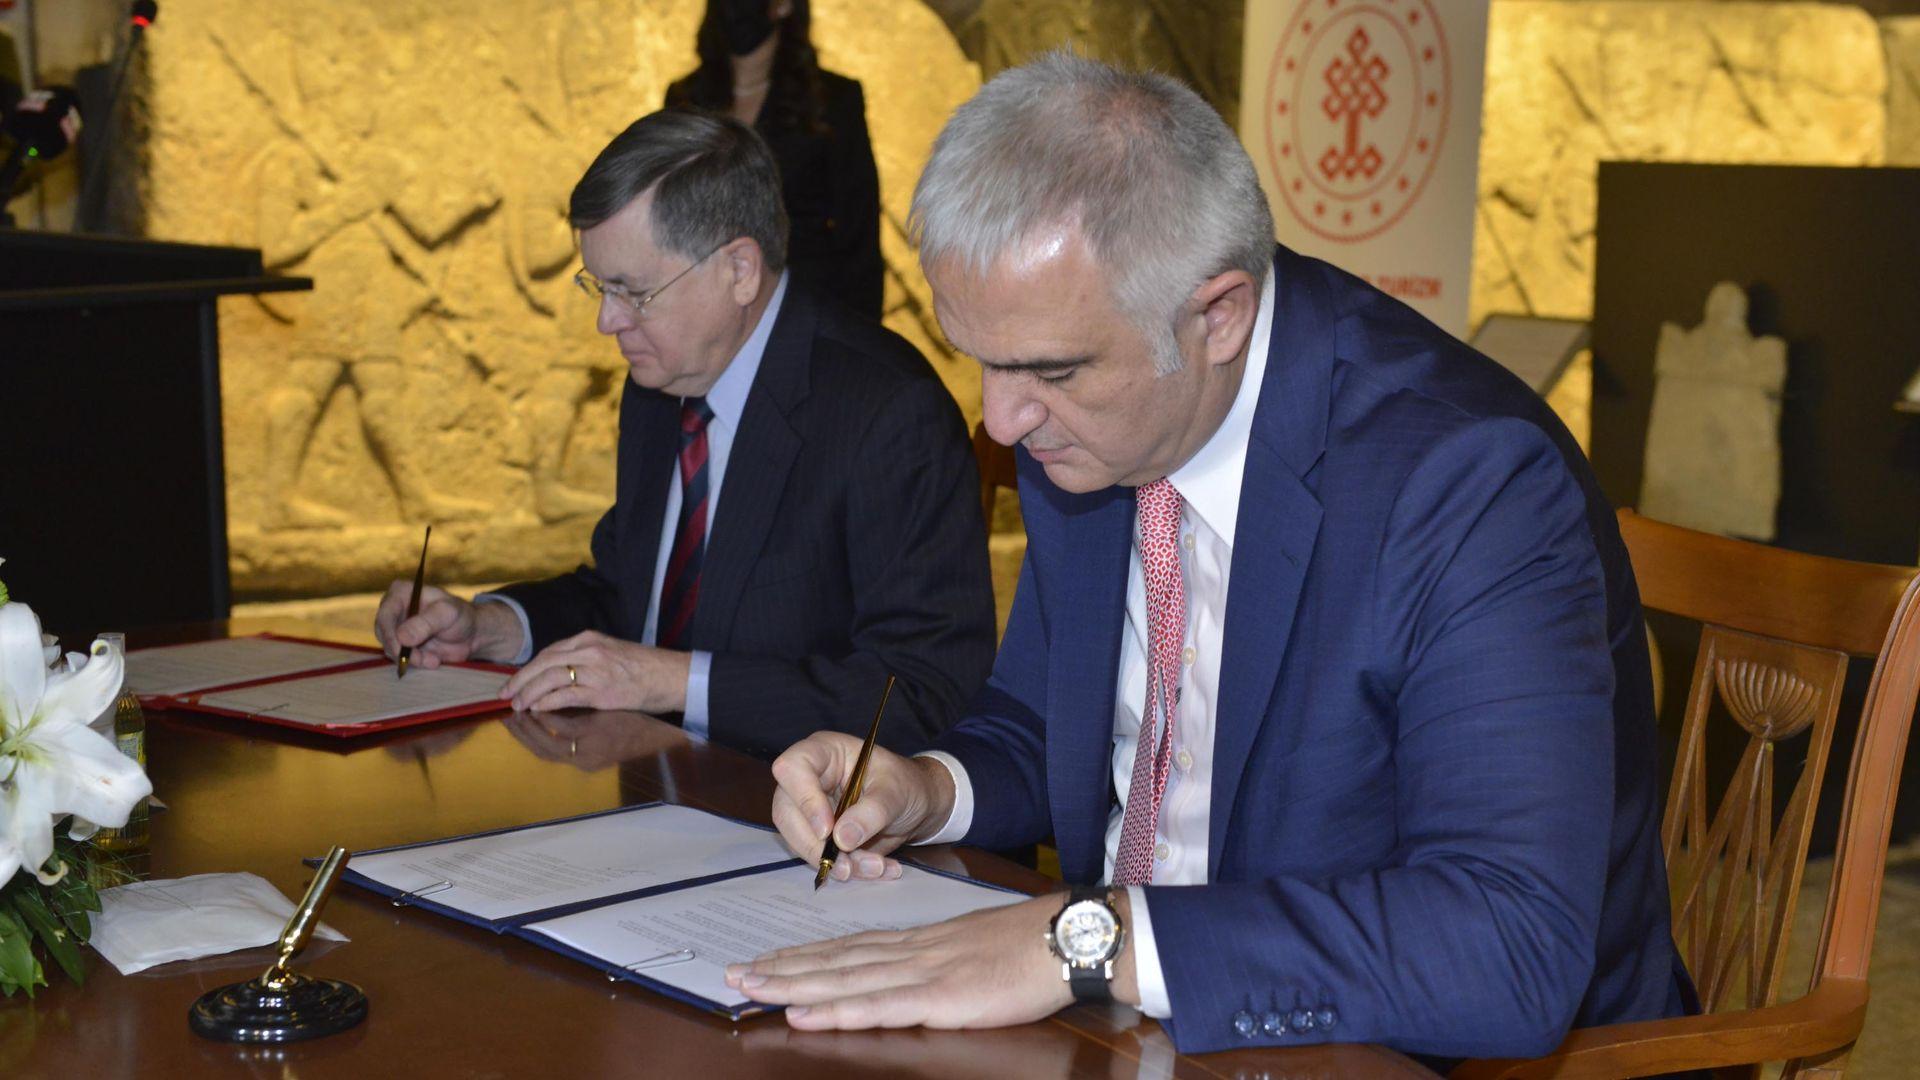 Kültürel mirasın korunması için işbirliği anlaşması imzalandı